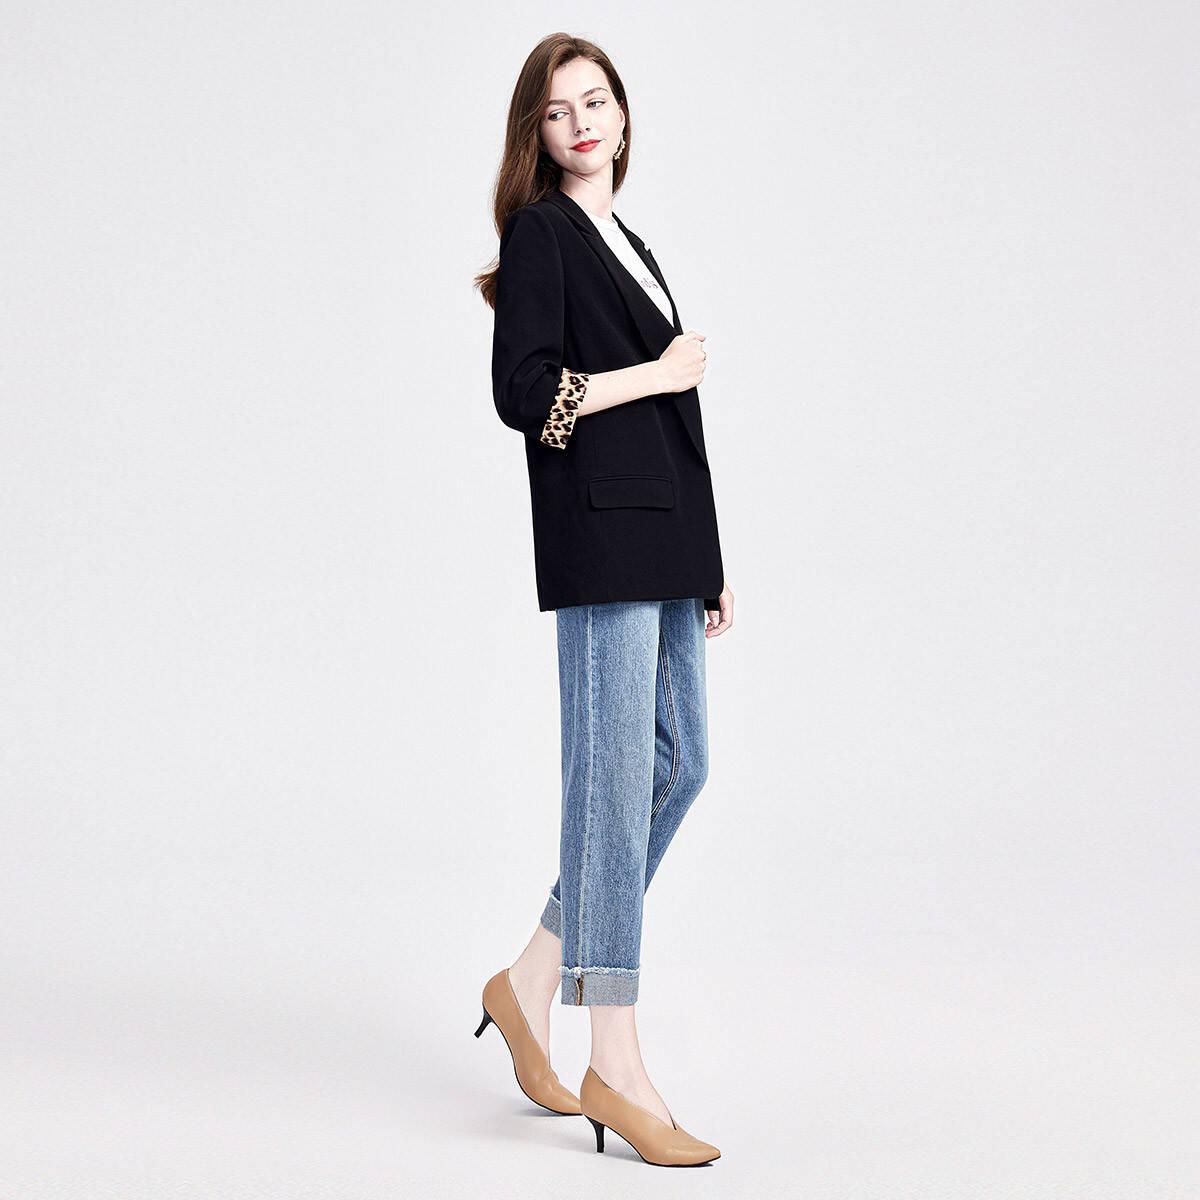 气质潮流时代 崇左戈蔓婷女装加盟彰显时尚优雅品味